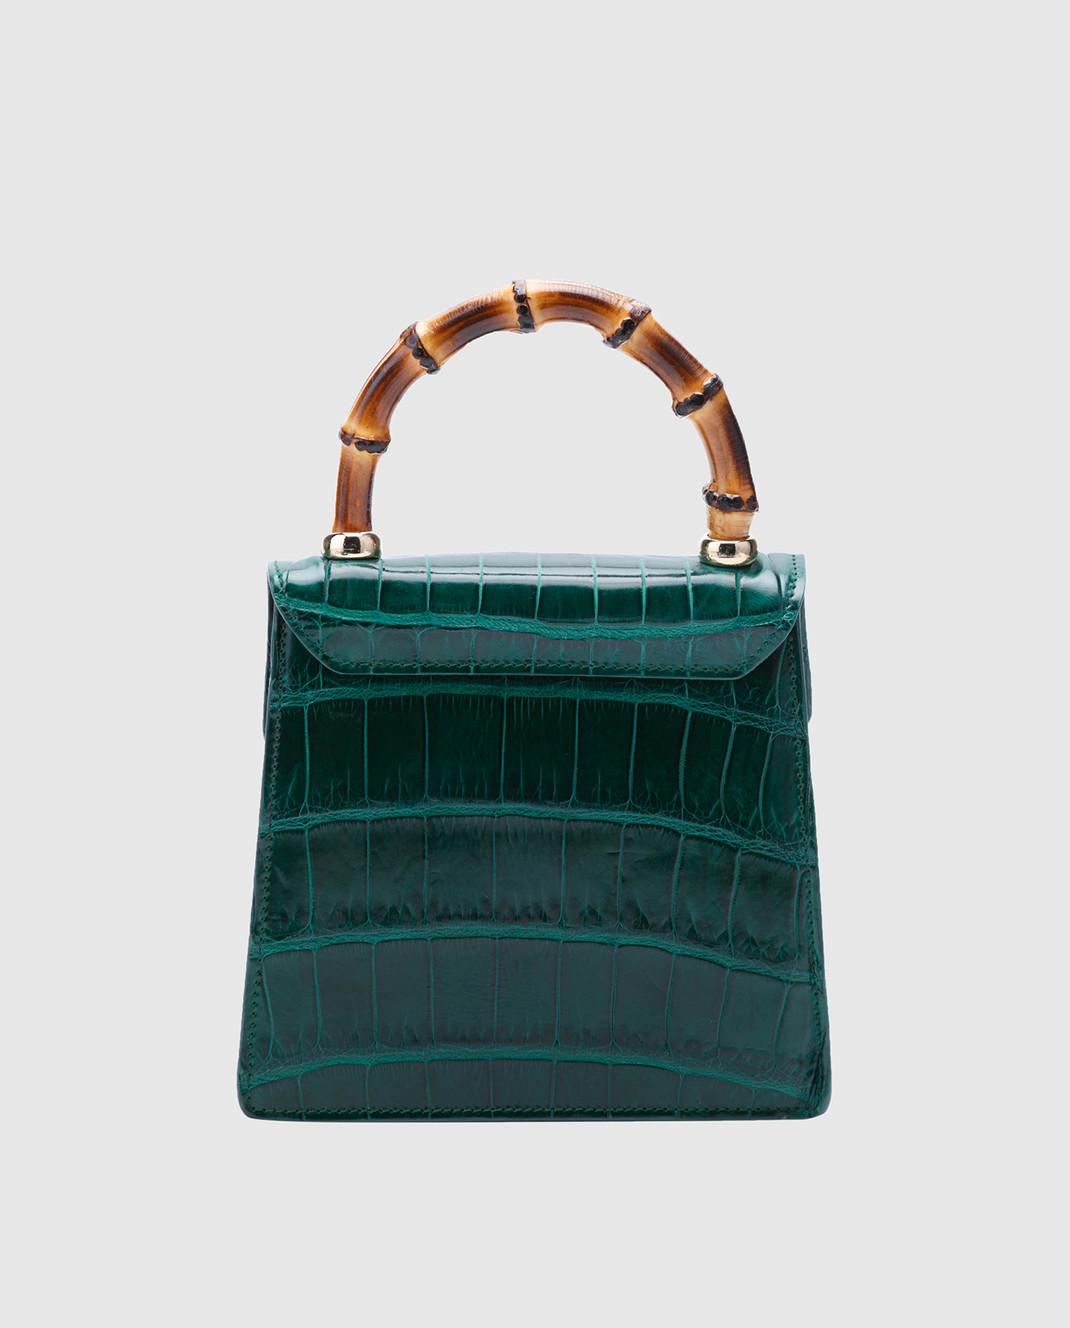 Bochicchio Зеленая кожаная сумка CROCOCLUTCH3 изображение 2